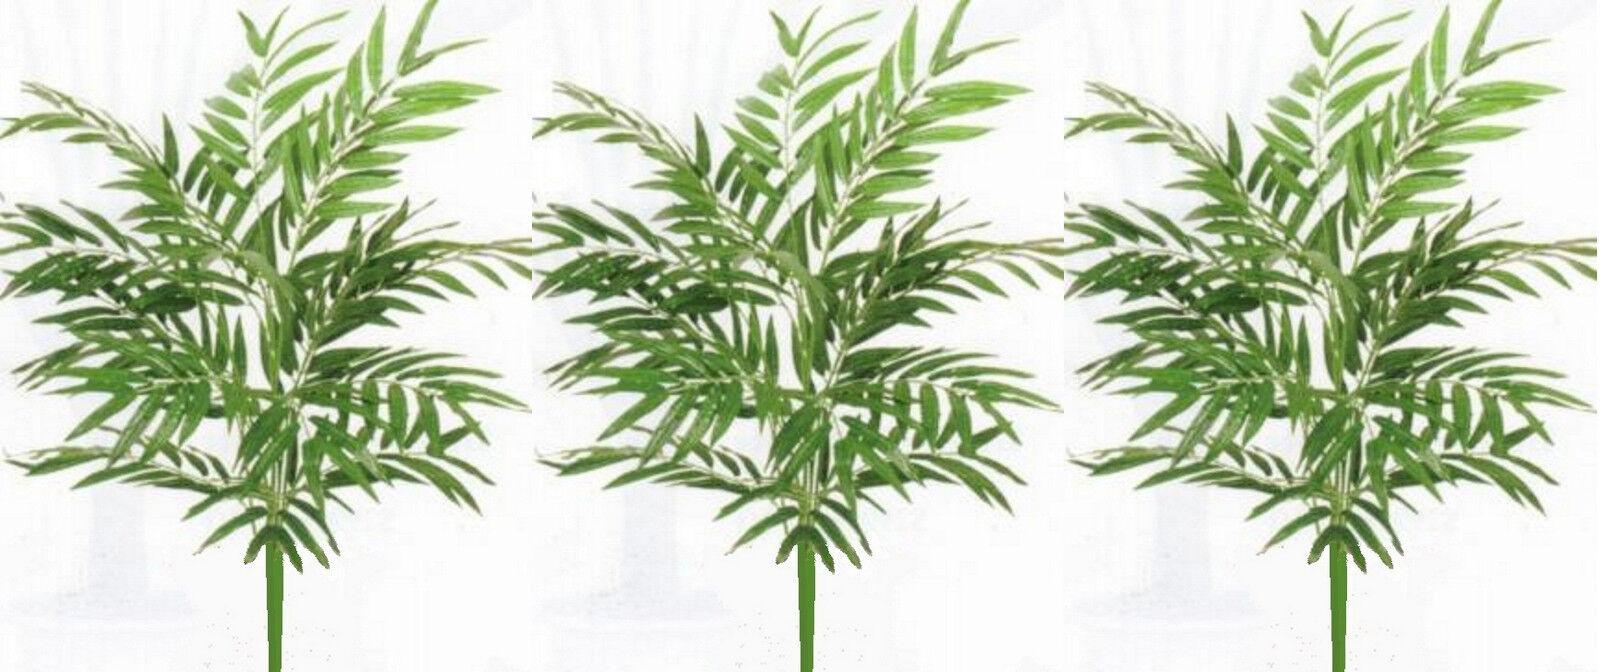 3 Phoenix 36  Palm Plant Soie Artificielle Arbre Bush arrangeHommest Artificiel Floral